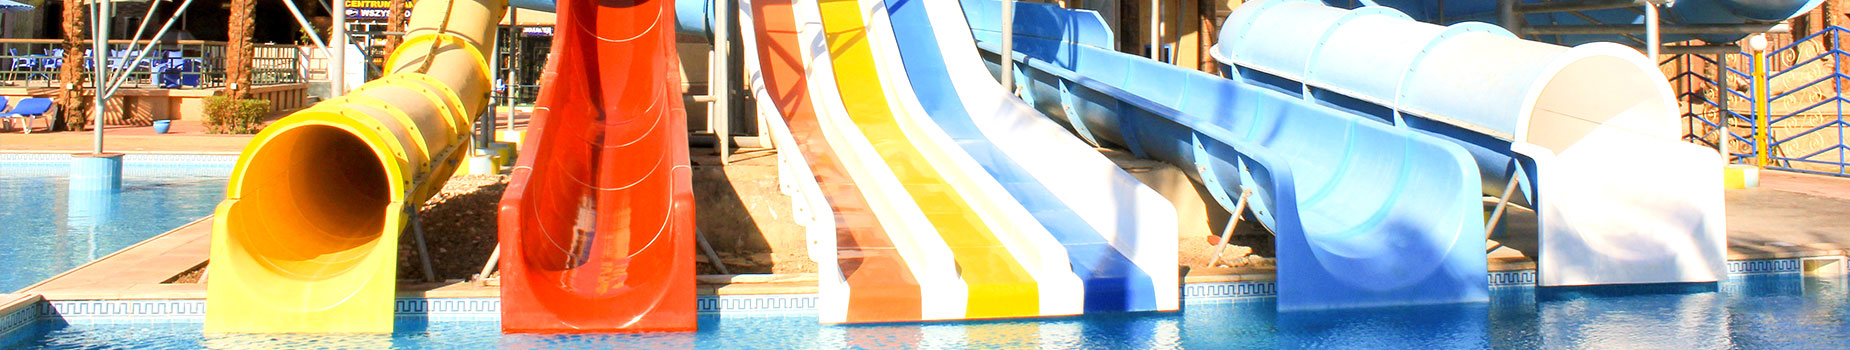 Kindvriendelijke hotels met waterpark